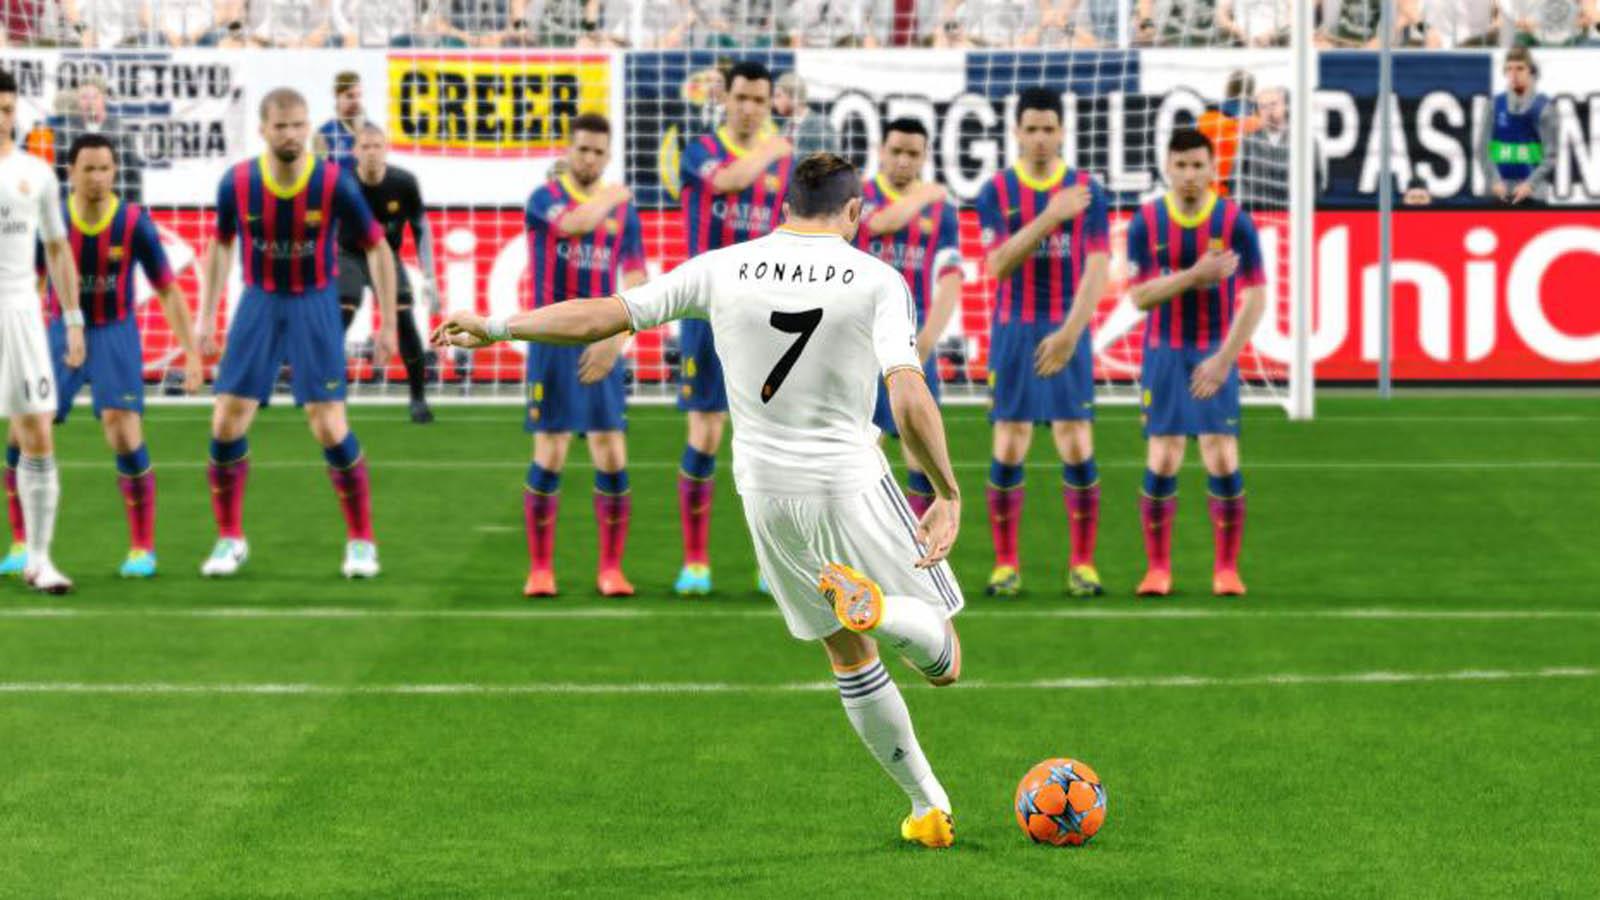 تحميل لعبة FIFA 2015 مضغوطة كاملة بروابط مباشرة مجانا